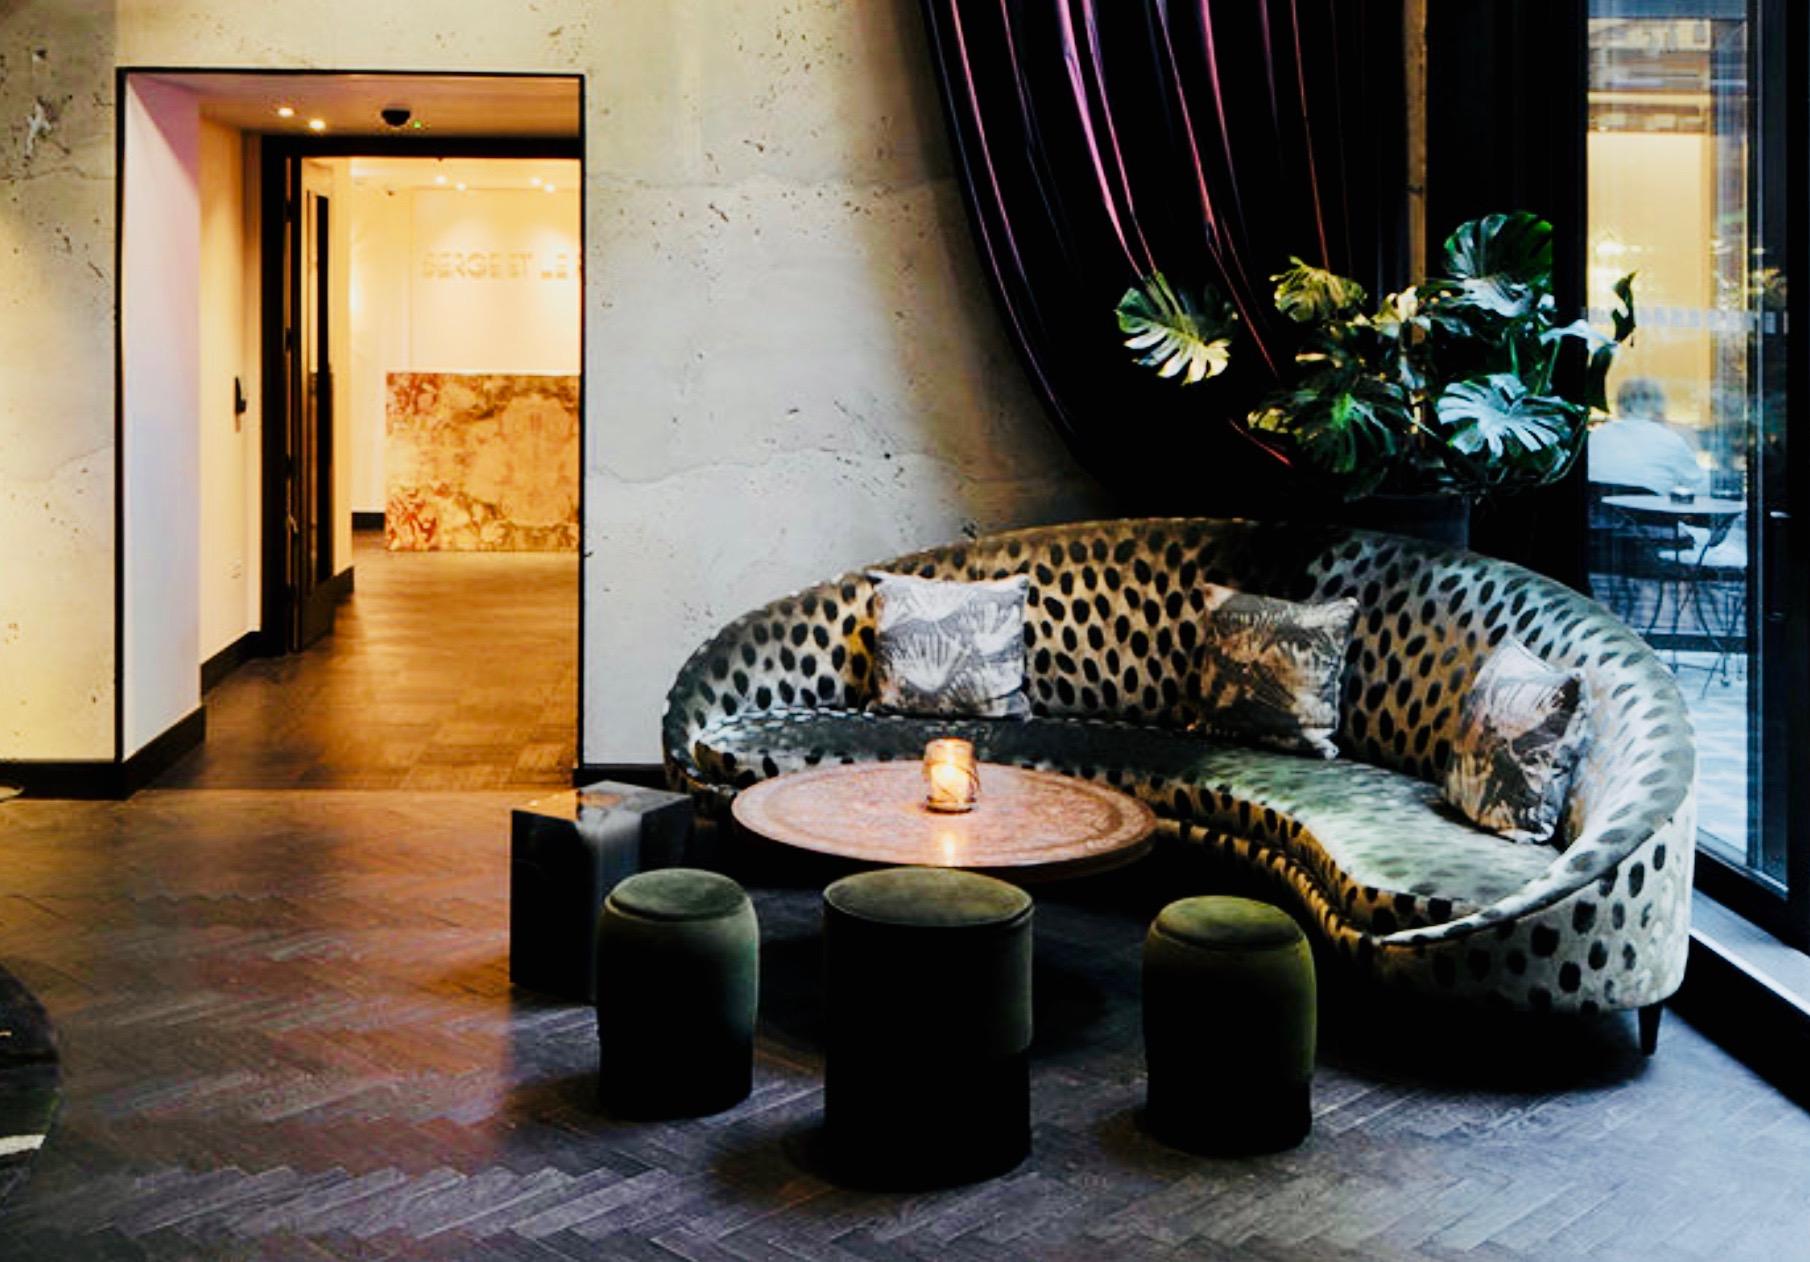 """ANTIQUE HERRINGBONE PARQUET IN """"NOCTURNE""""  - LONDON - FITZROVIA - MANDRAKE HOTEL - TALA FUSTOK INTERIOR DESIGN"""